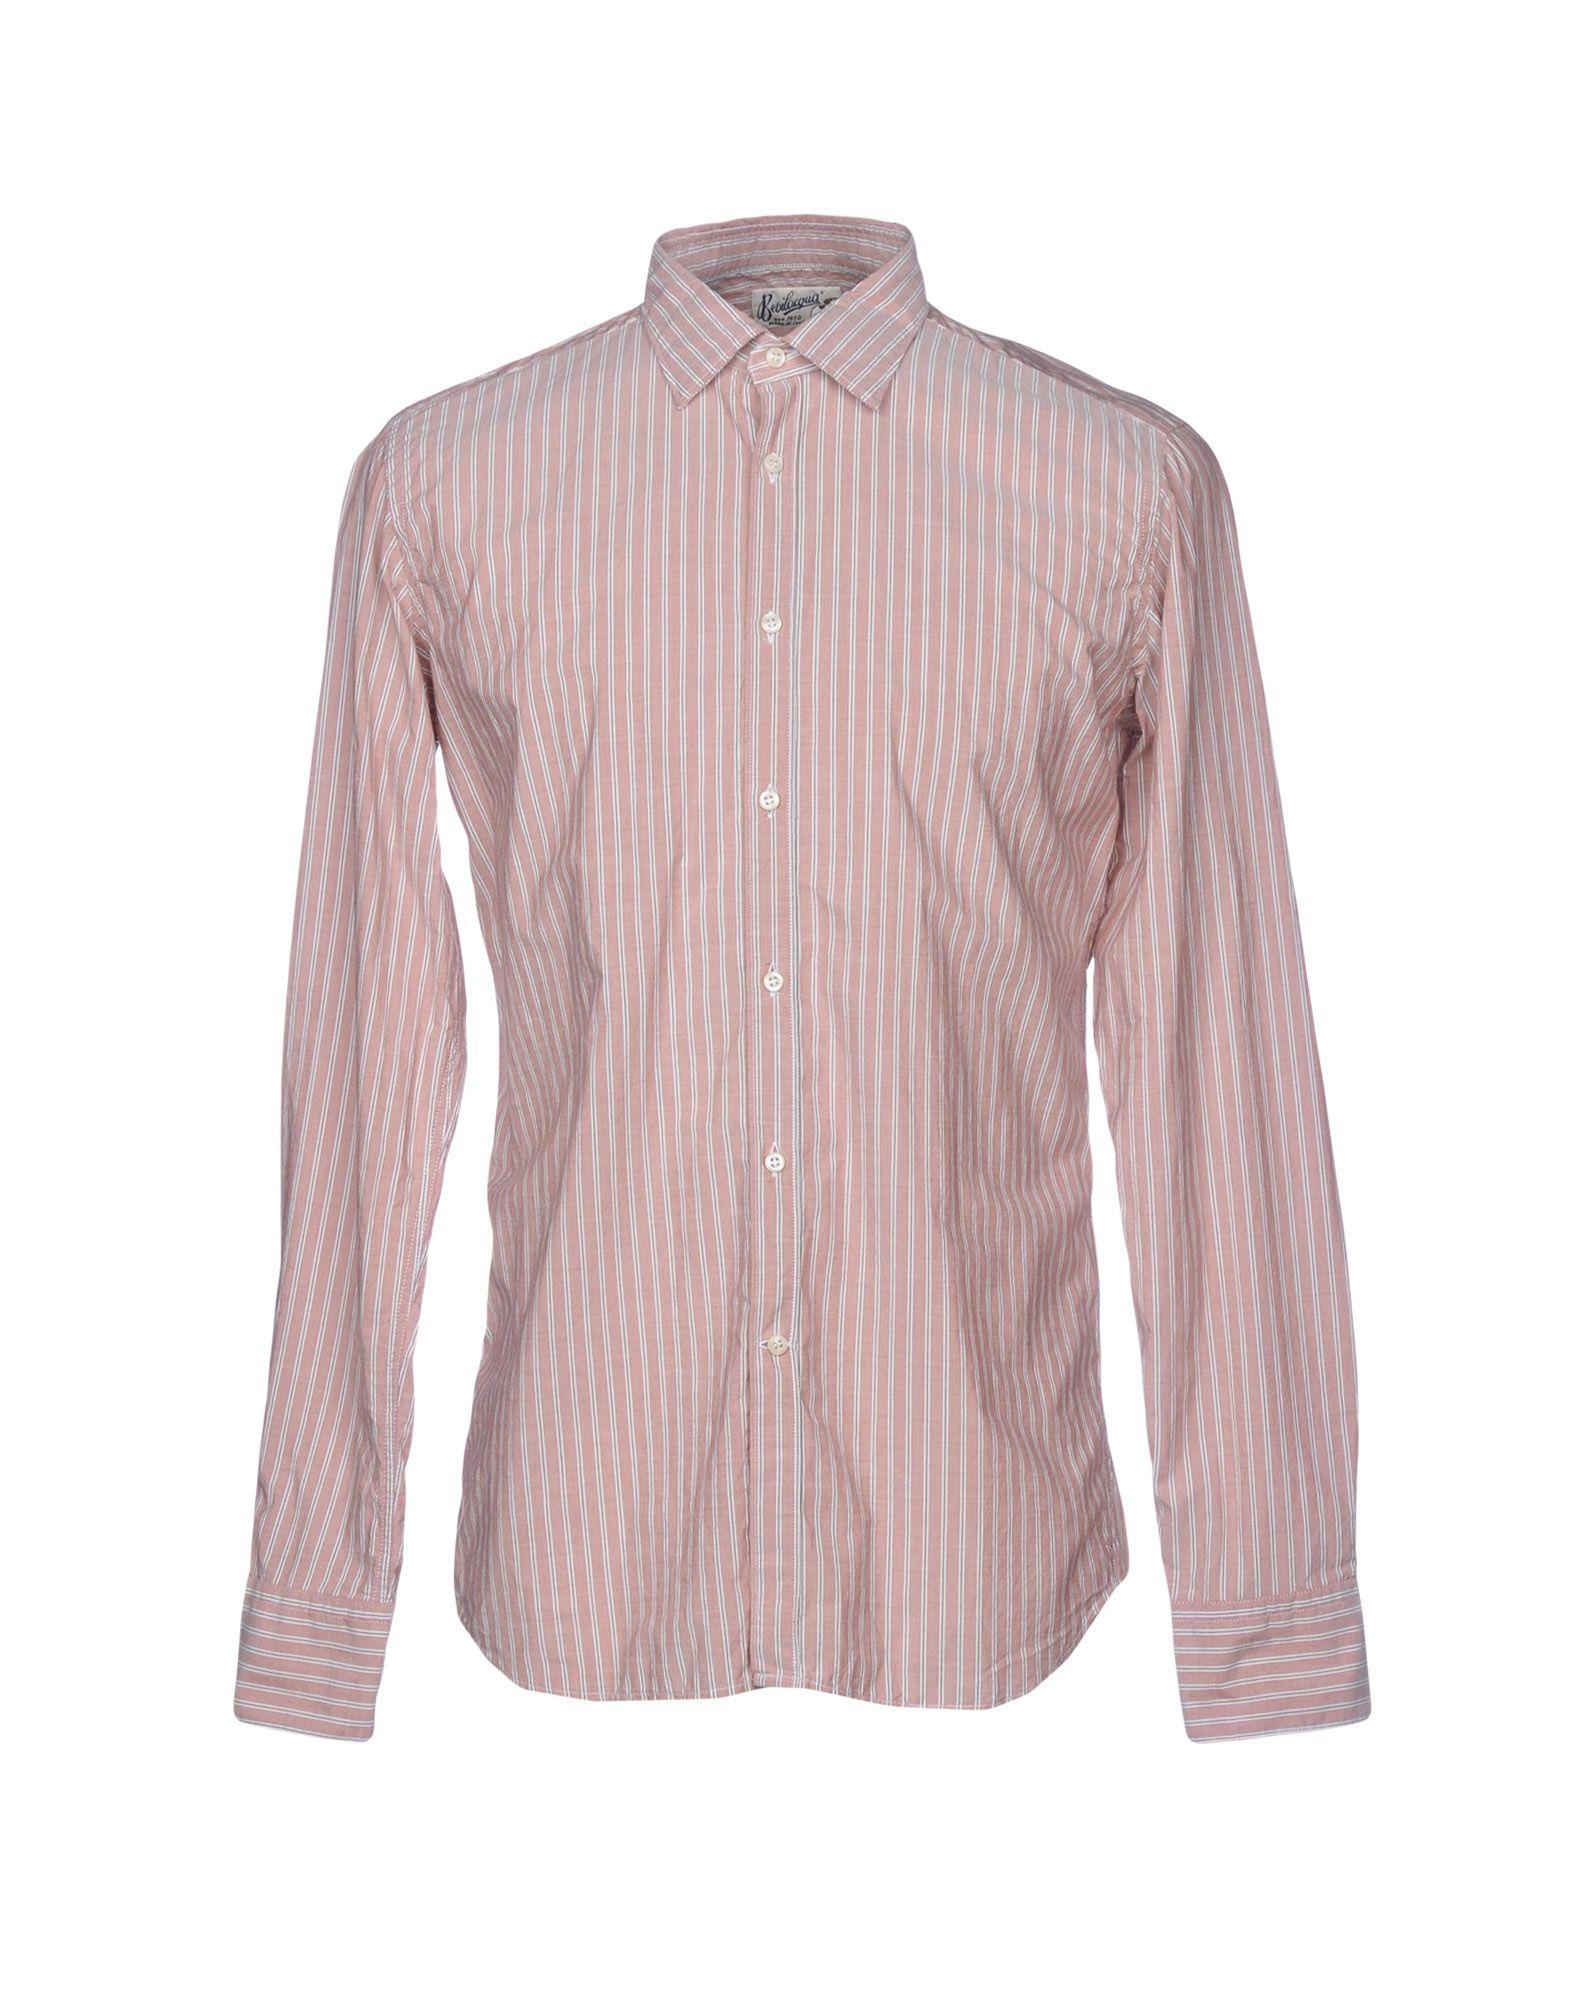 《送料無料》BEVILACQUA メンズ シャツ ローズピンク S コットン 100%